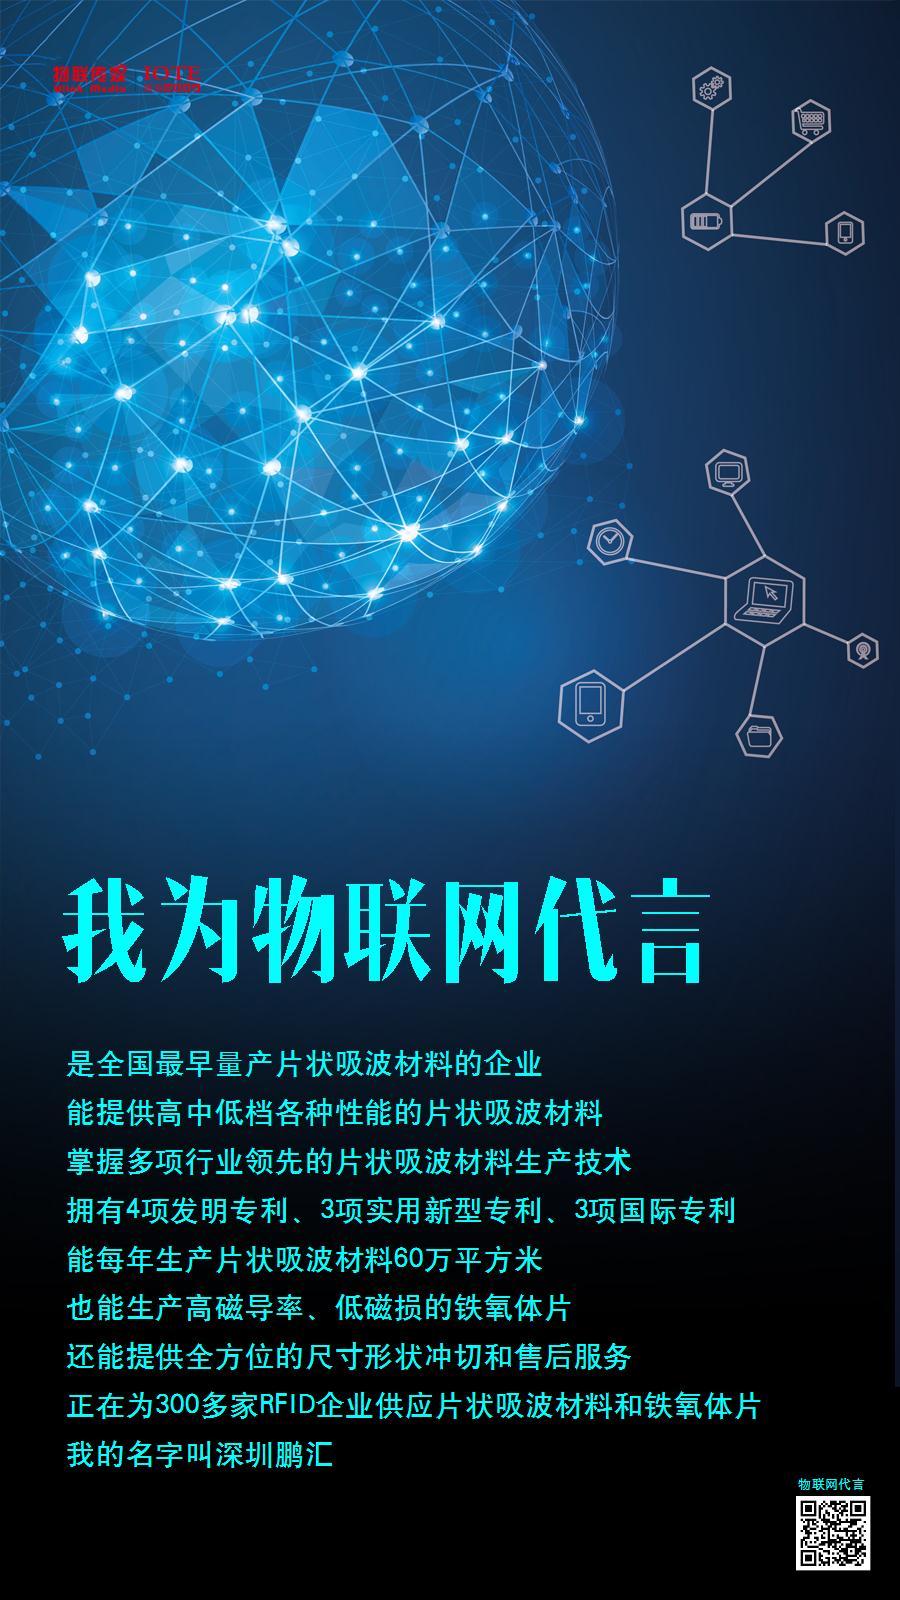 深圳鹏汇物联网代言海报